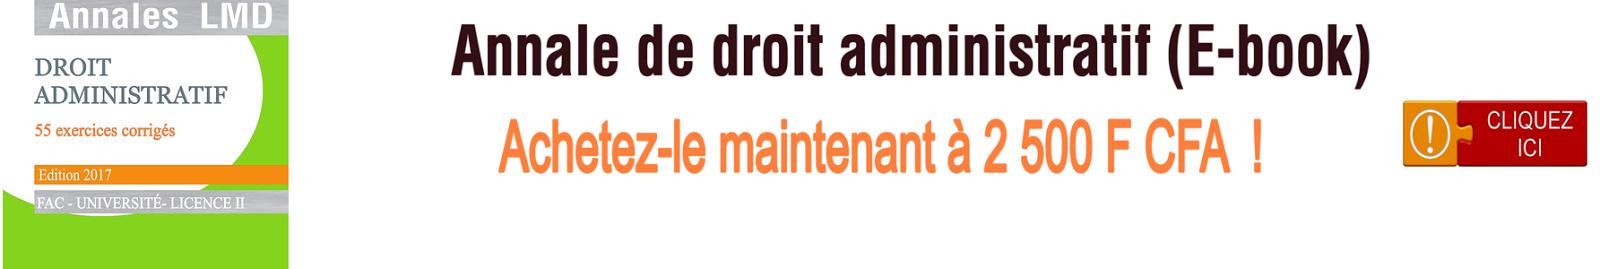 annale-droit-administratif-ivoirien